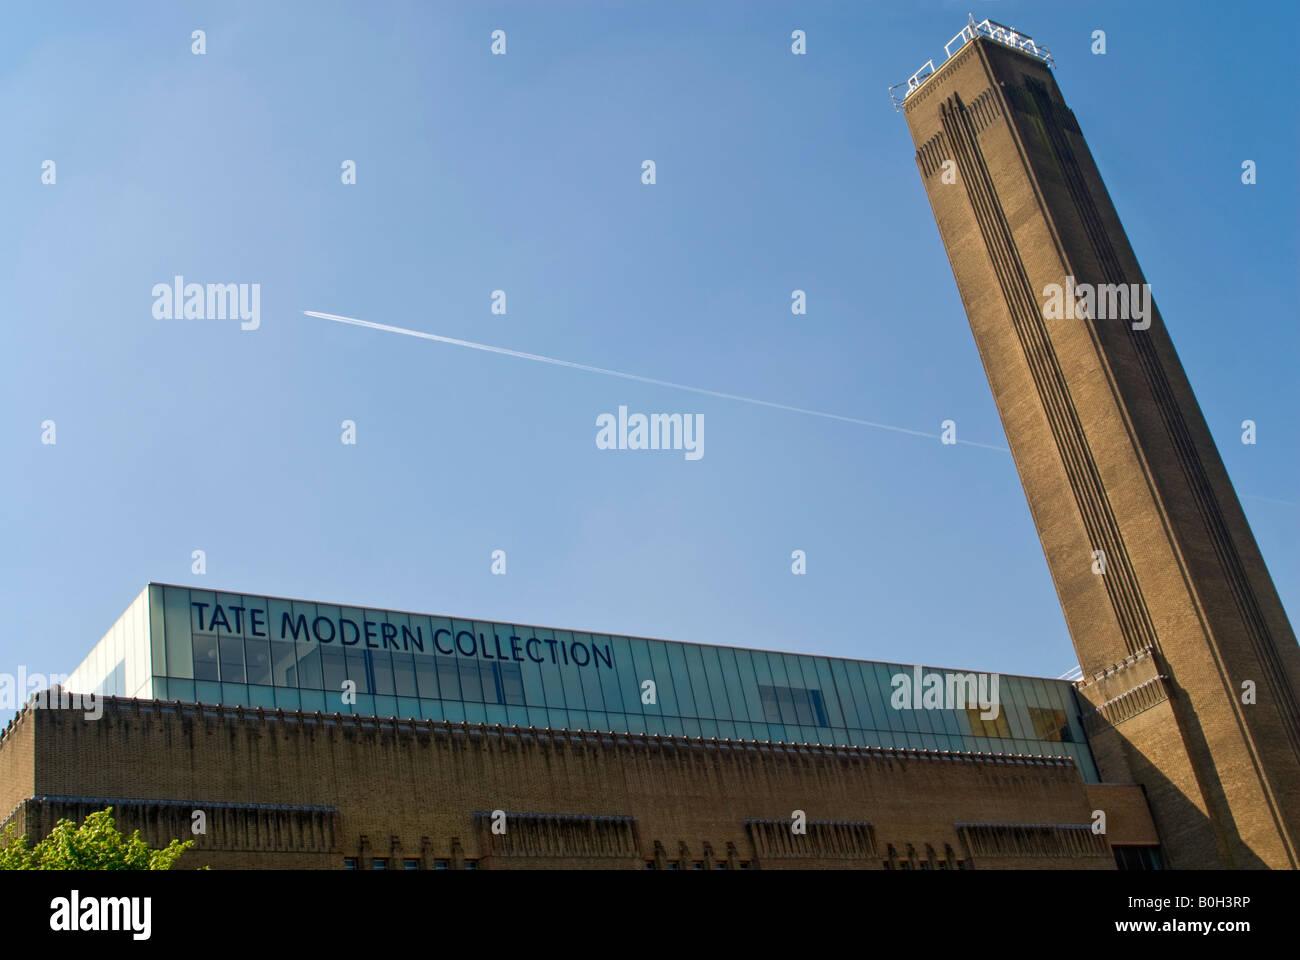 Uberlegen Horizontale Eckige Blick Auf Den Markanten Roten Backstein Kamin Und Dach  Der Galerie Tate Modern Art Gegen Ein Strahlend Blauer Himmel.